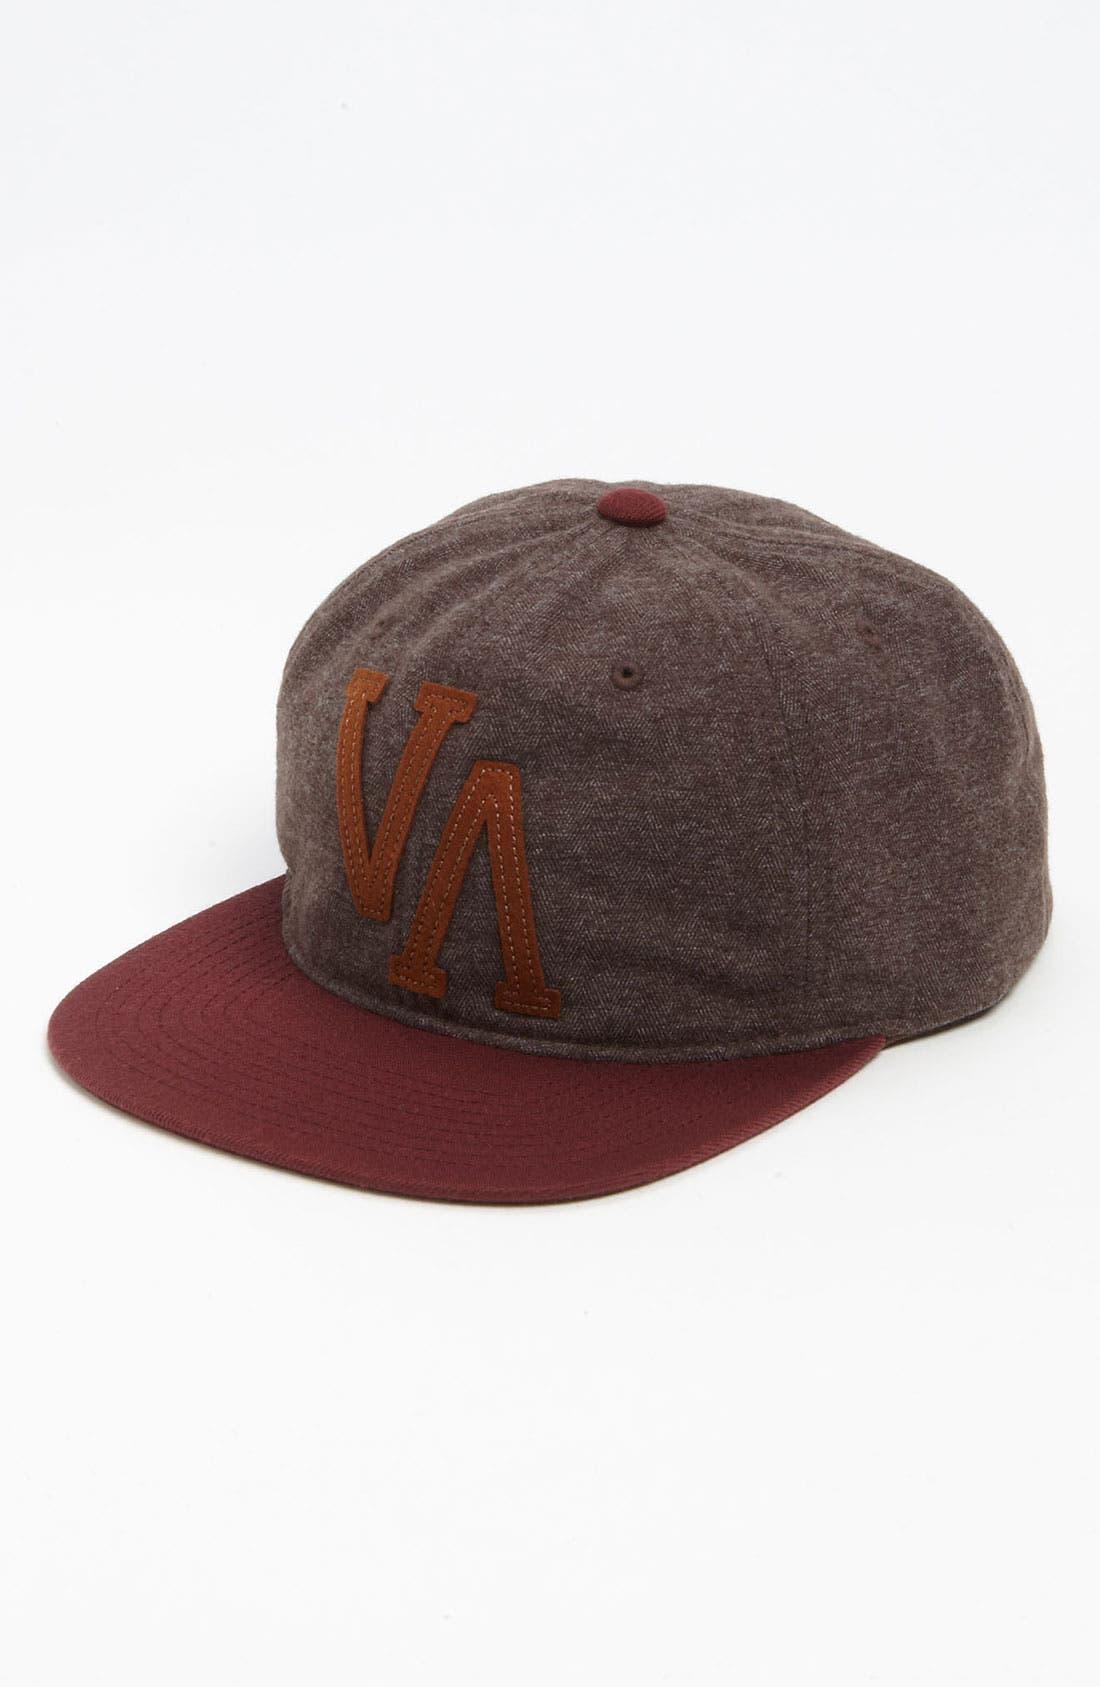 Main Image - RVCA 'Old Gold' Snapback Baseball Cap